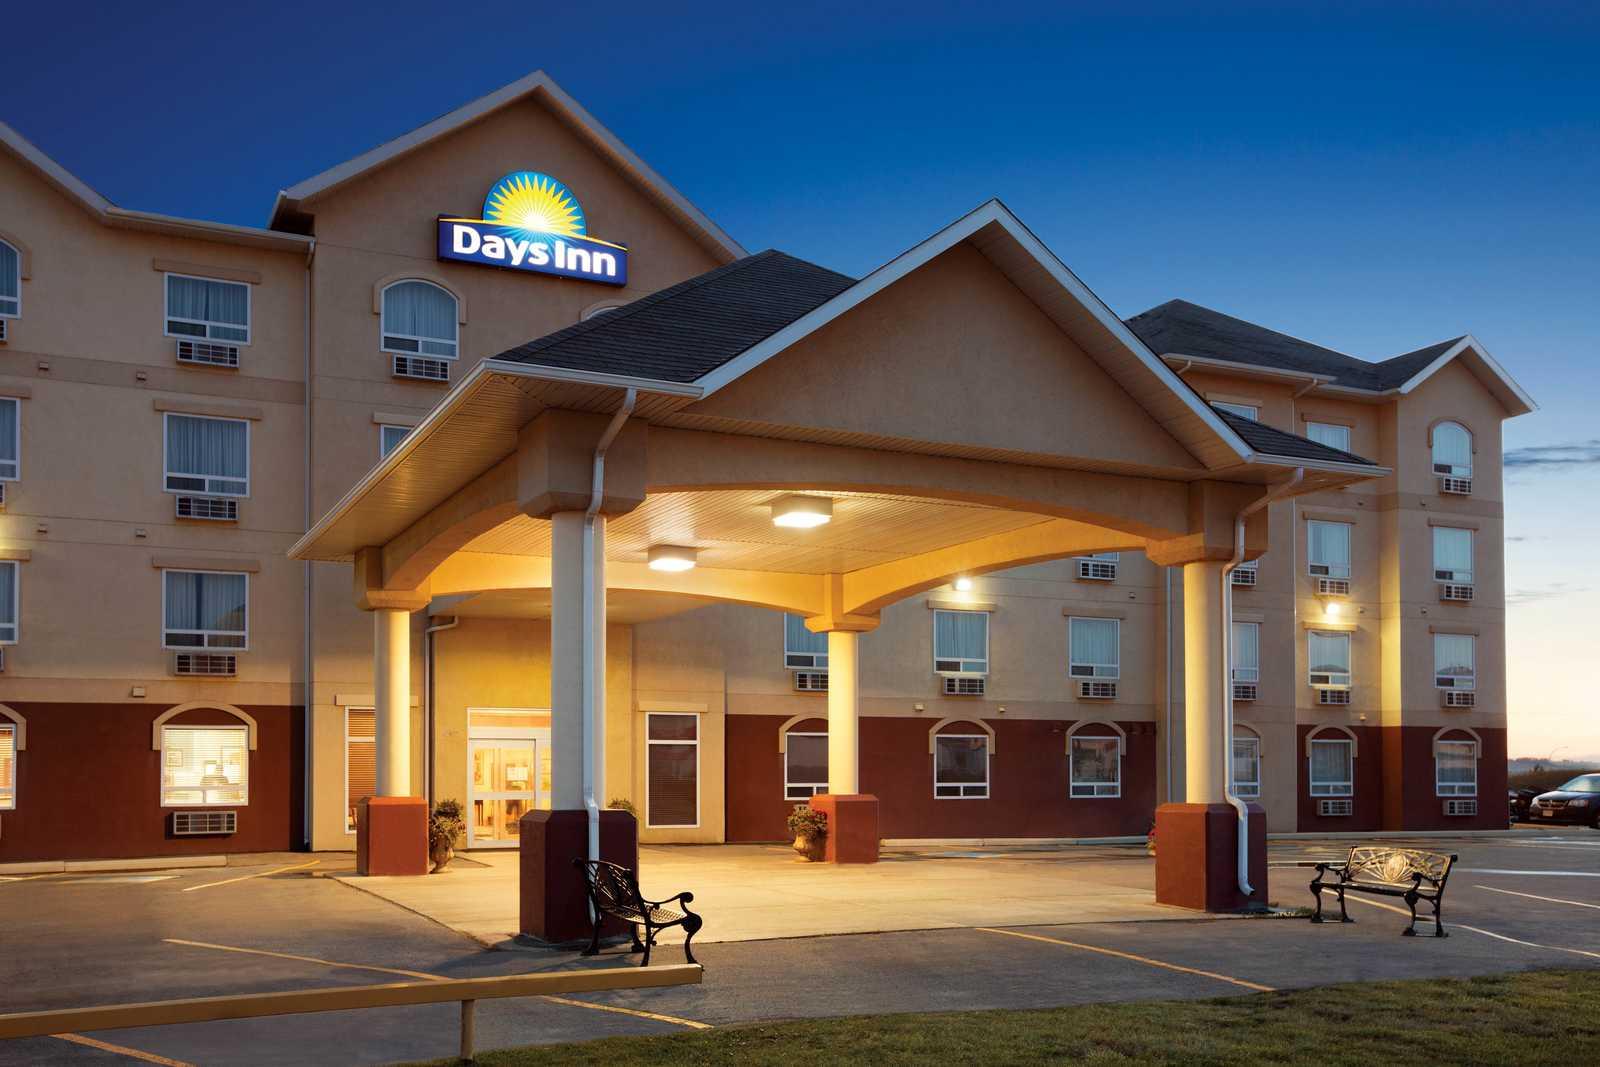 Days Inn Dawson